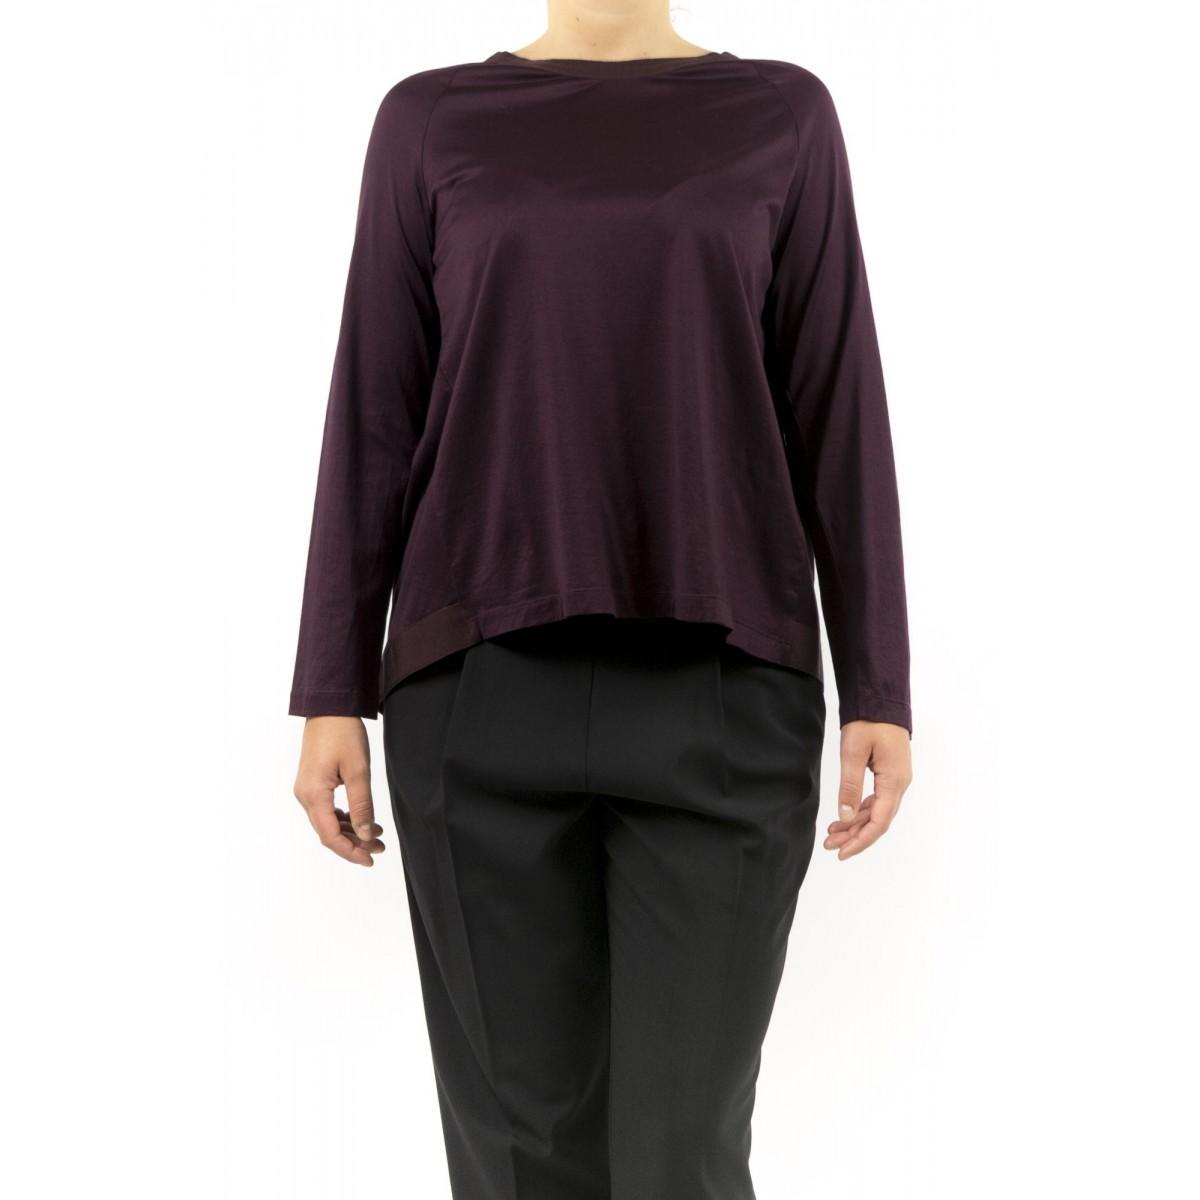 T-shirt donna Erika cavallini - semicouture - P5i128 t-shirt filo scozia 236 - vino